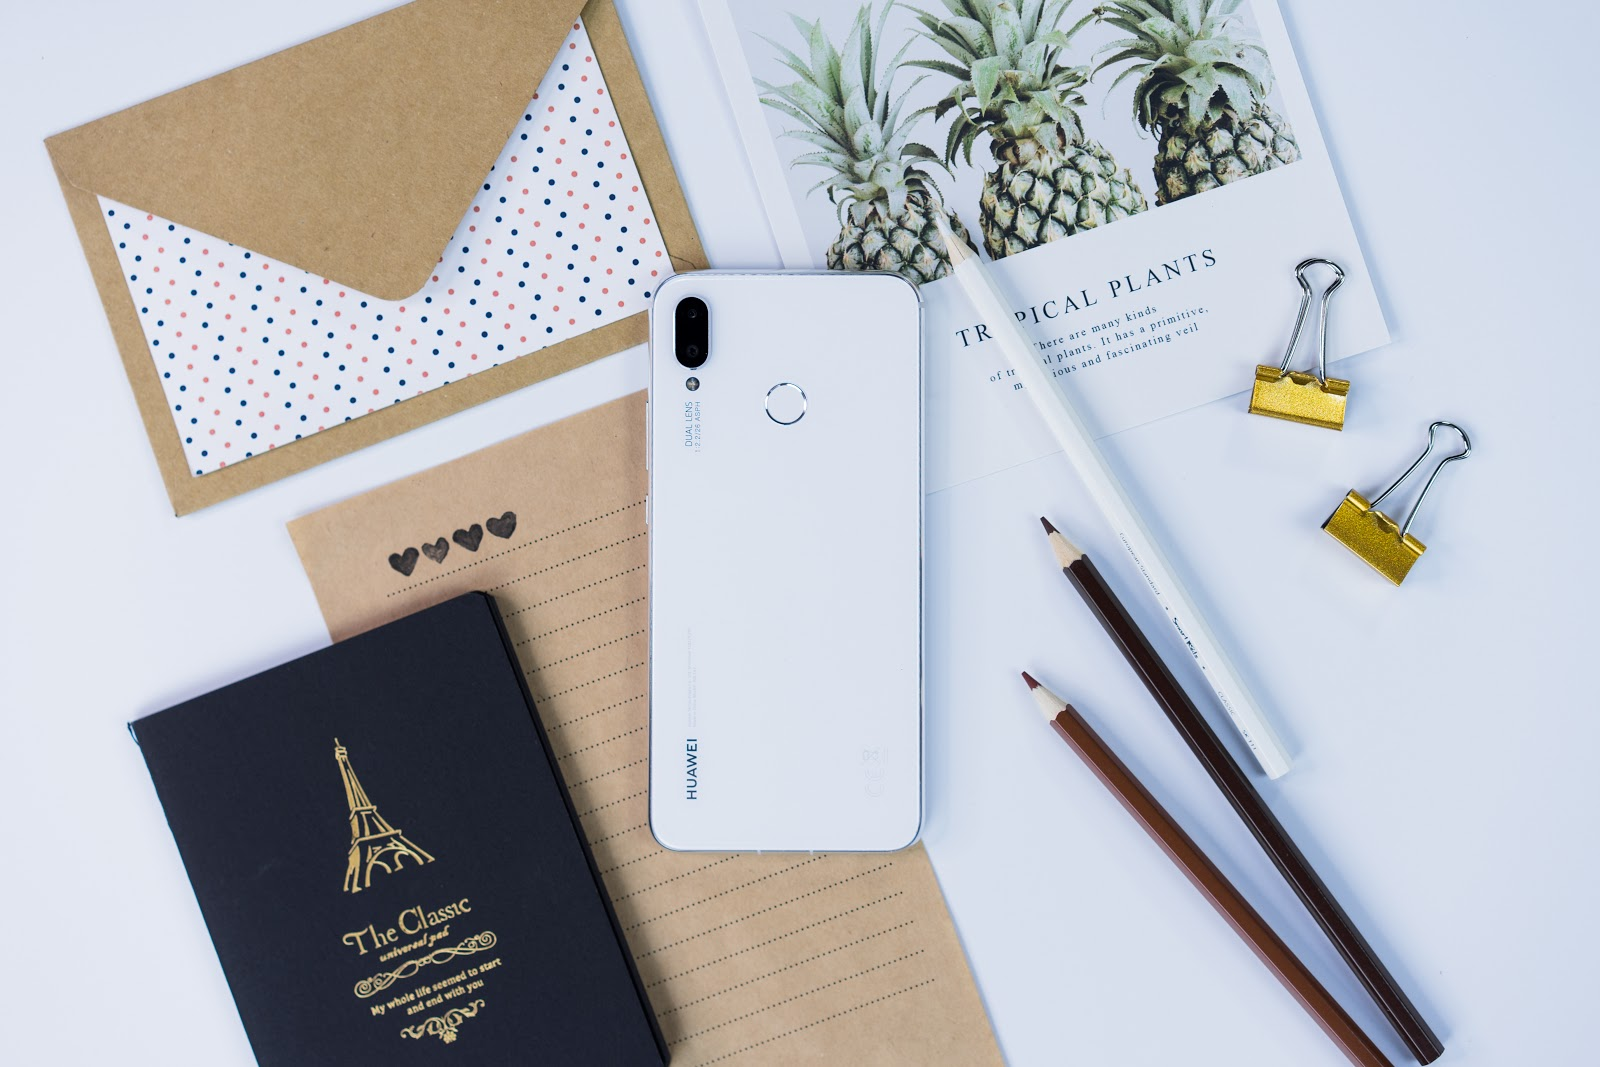 Đơn giản nhưng cuốn hút, chiếc smartphone này đáng để bạn tự thưởng cho bản thân dịp cuối năm - Ảnh 6.